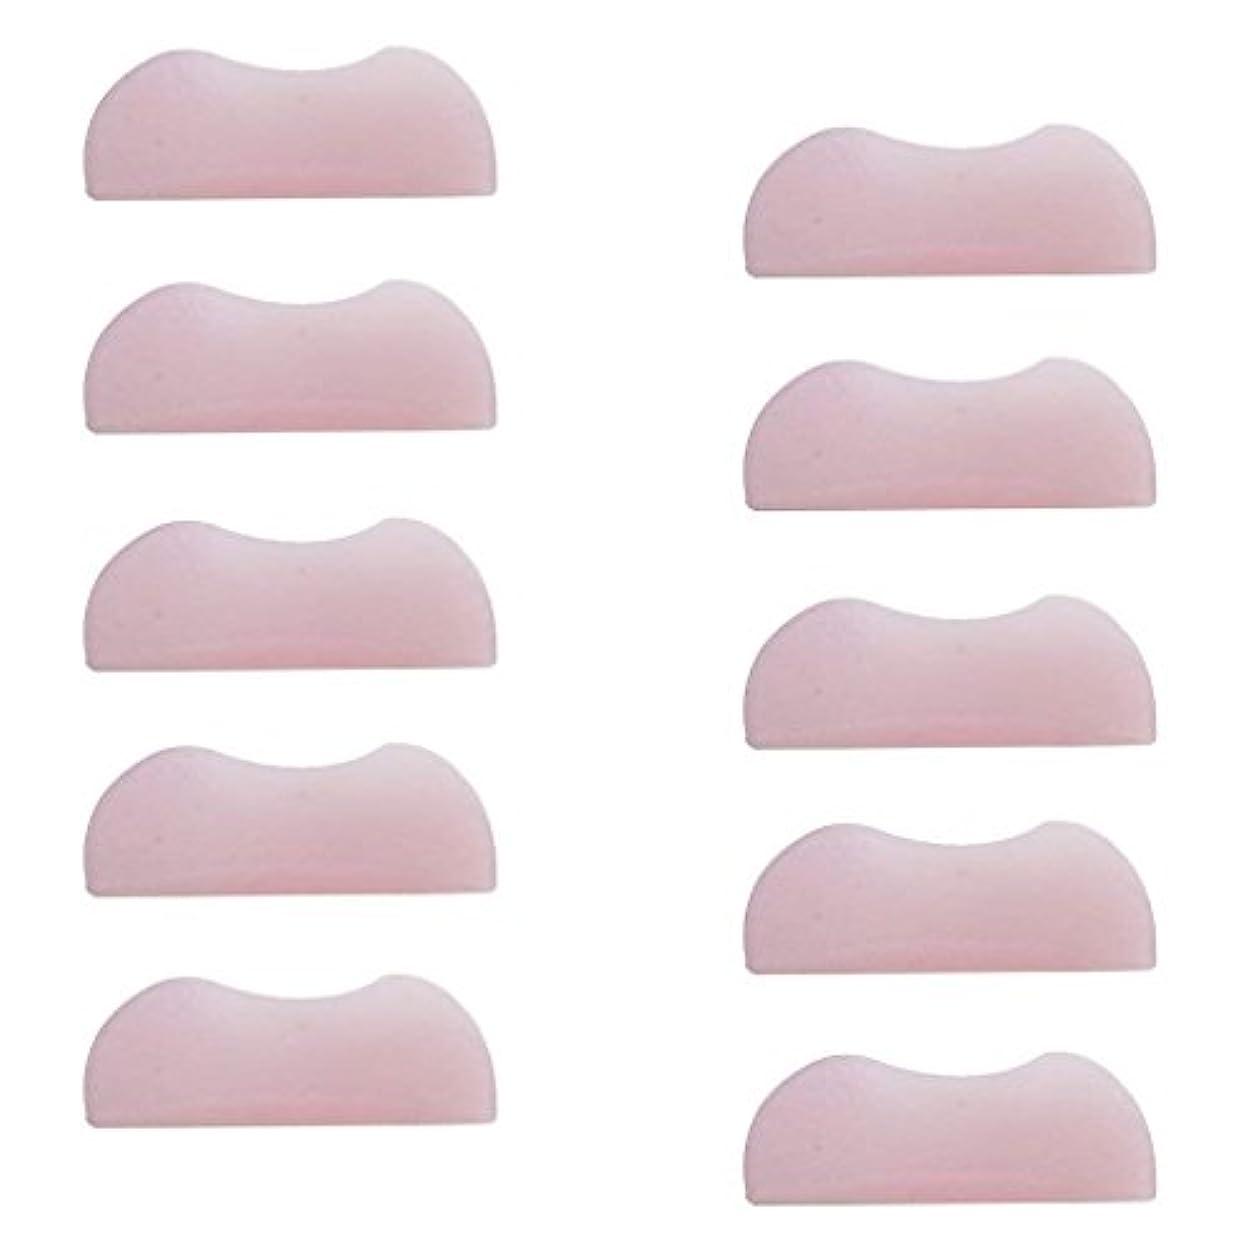 分離教えて意味のある5組 シリコンのまつげパッド まつげ美容用のまつげパーツキット